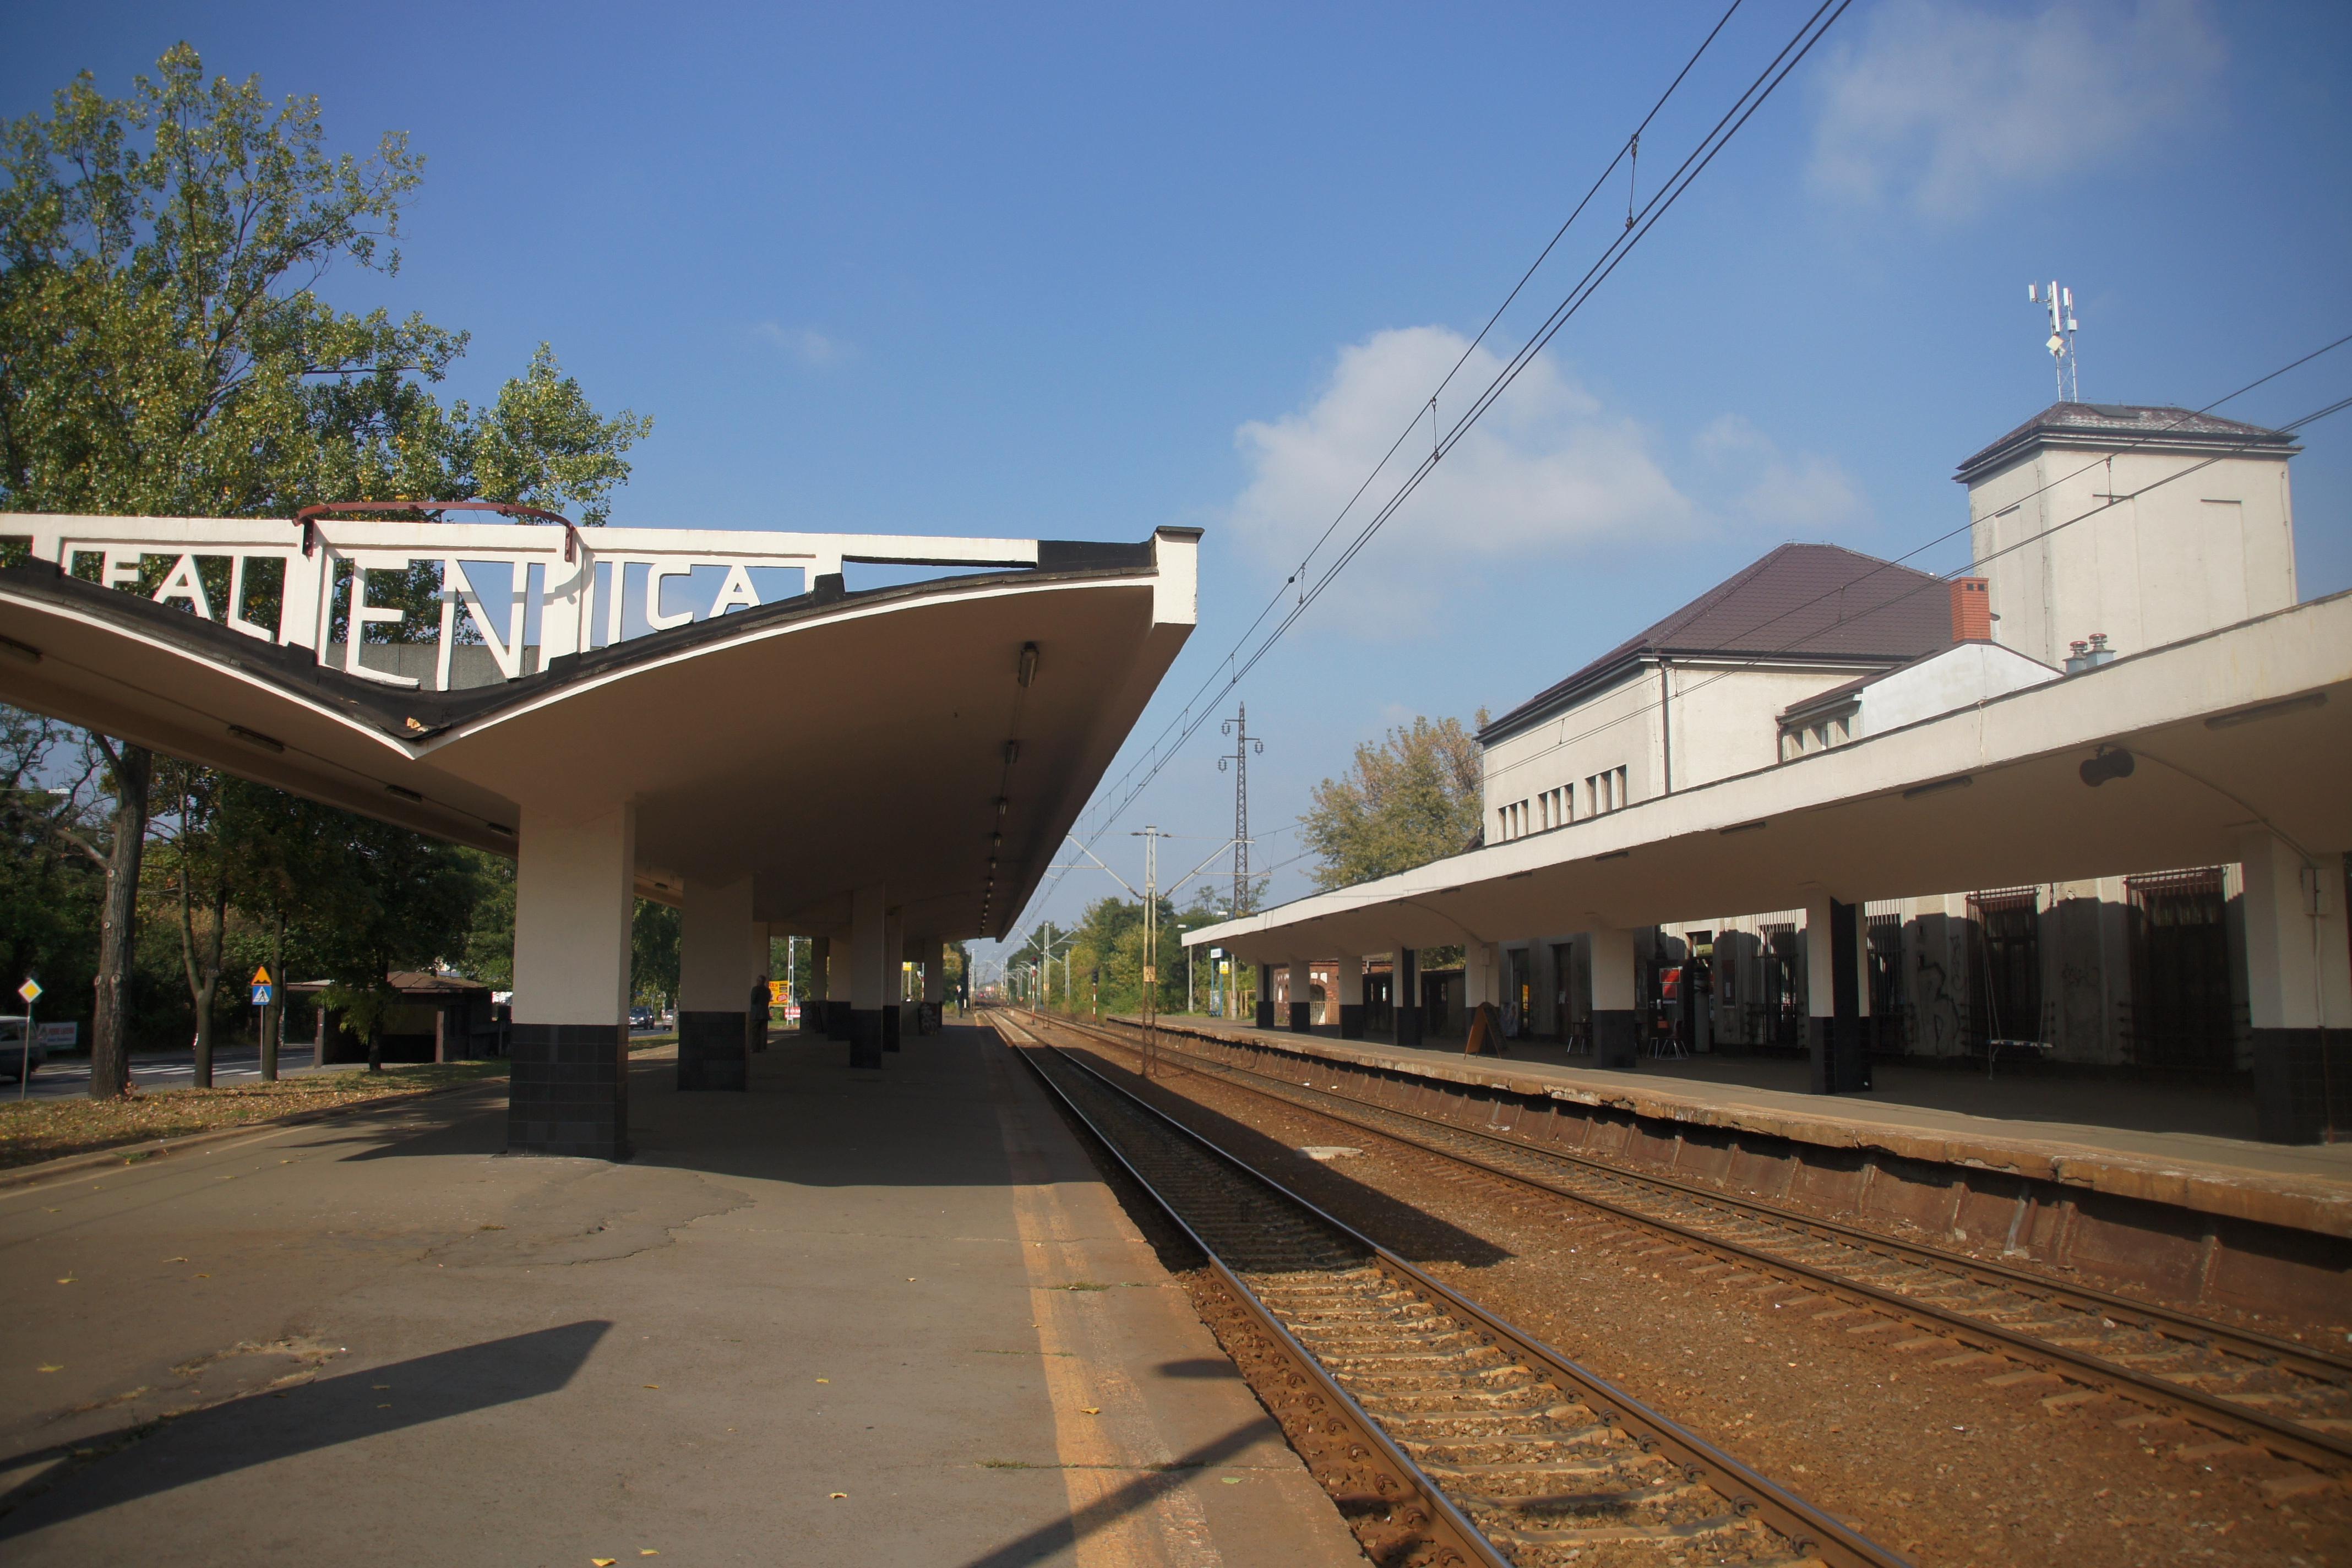 Station Warszawa Falenica